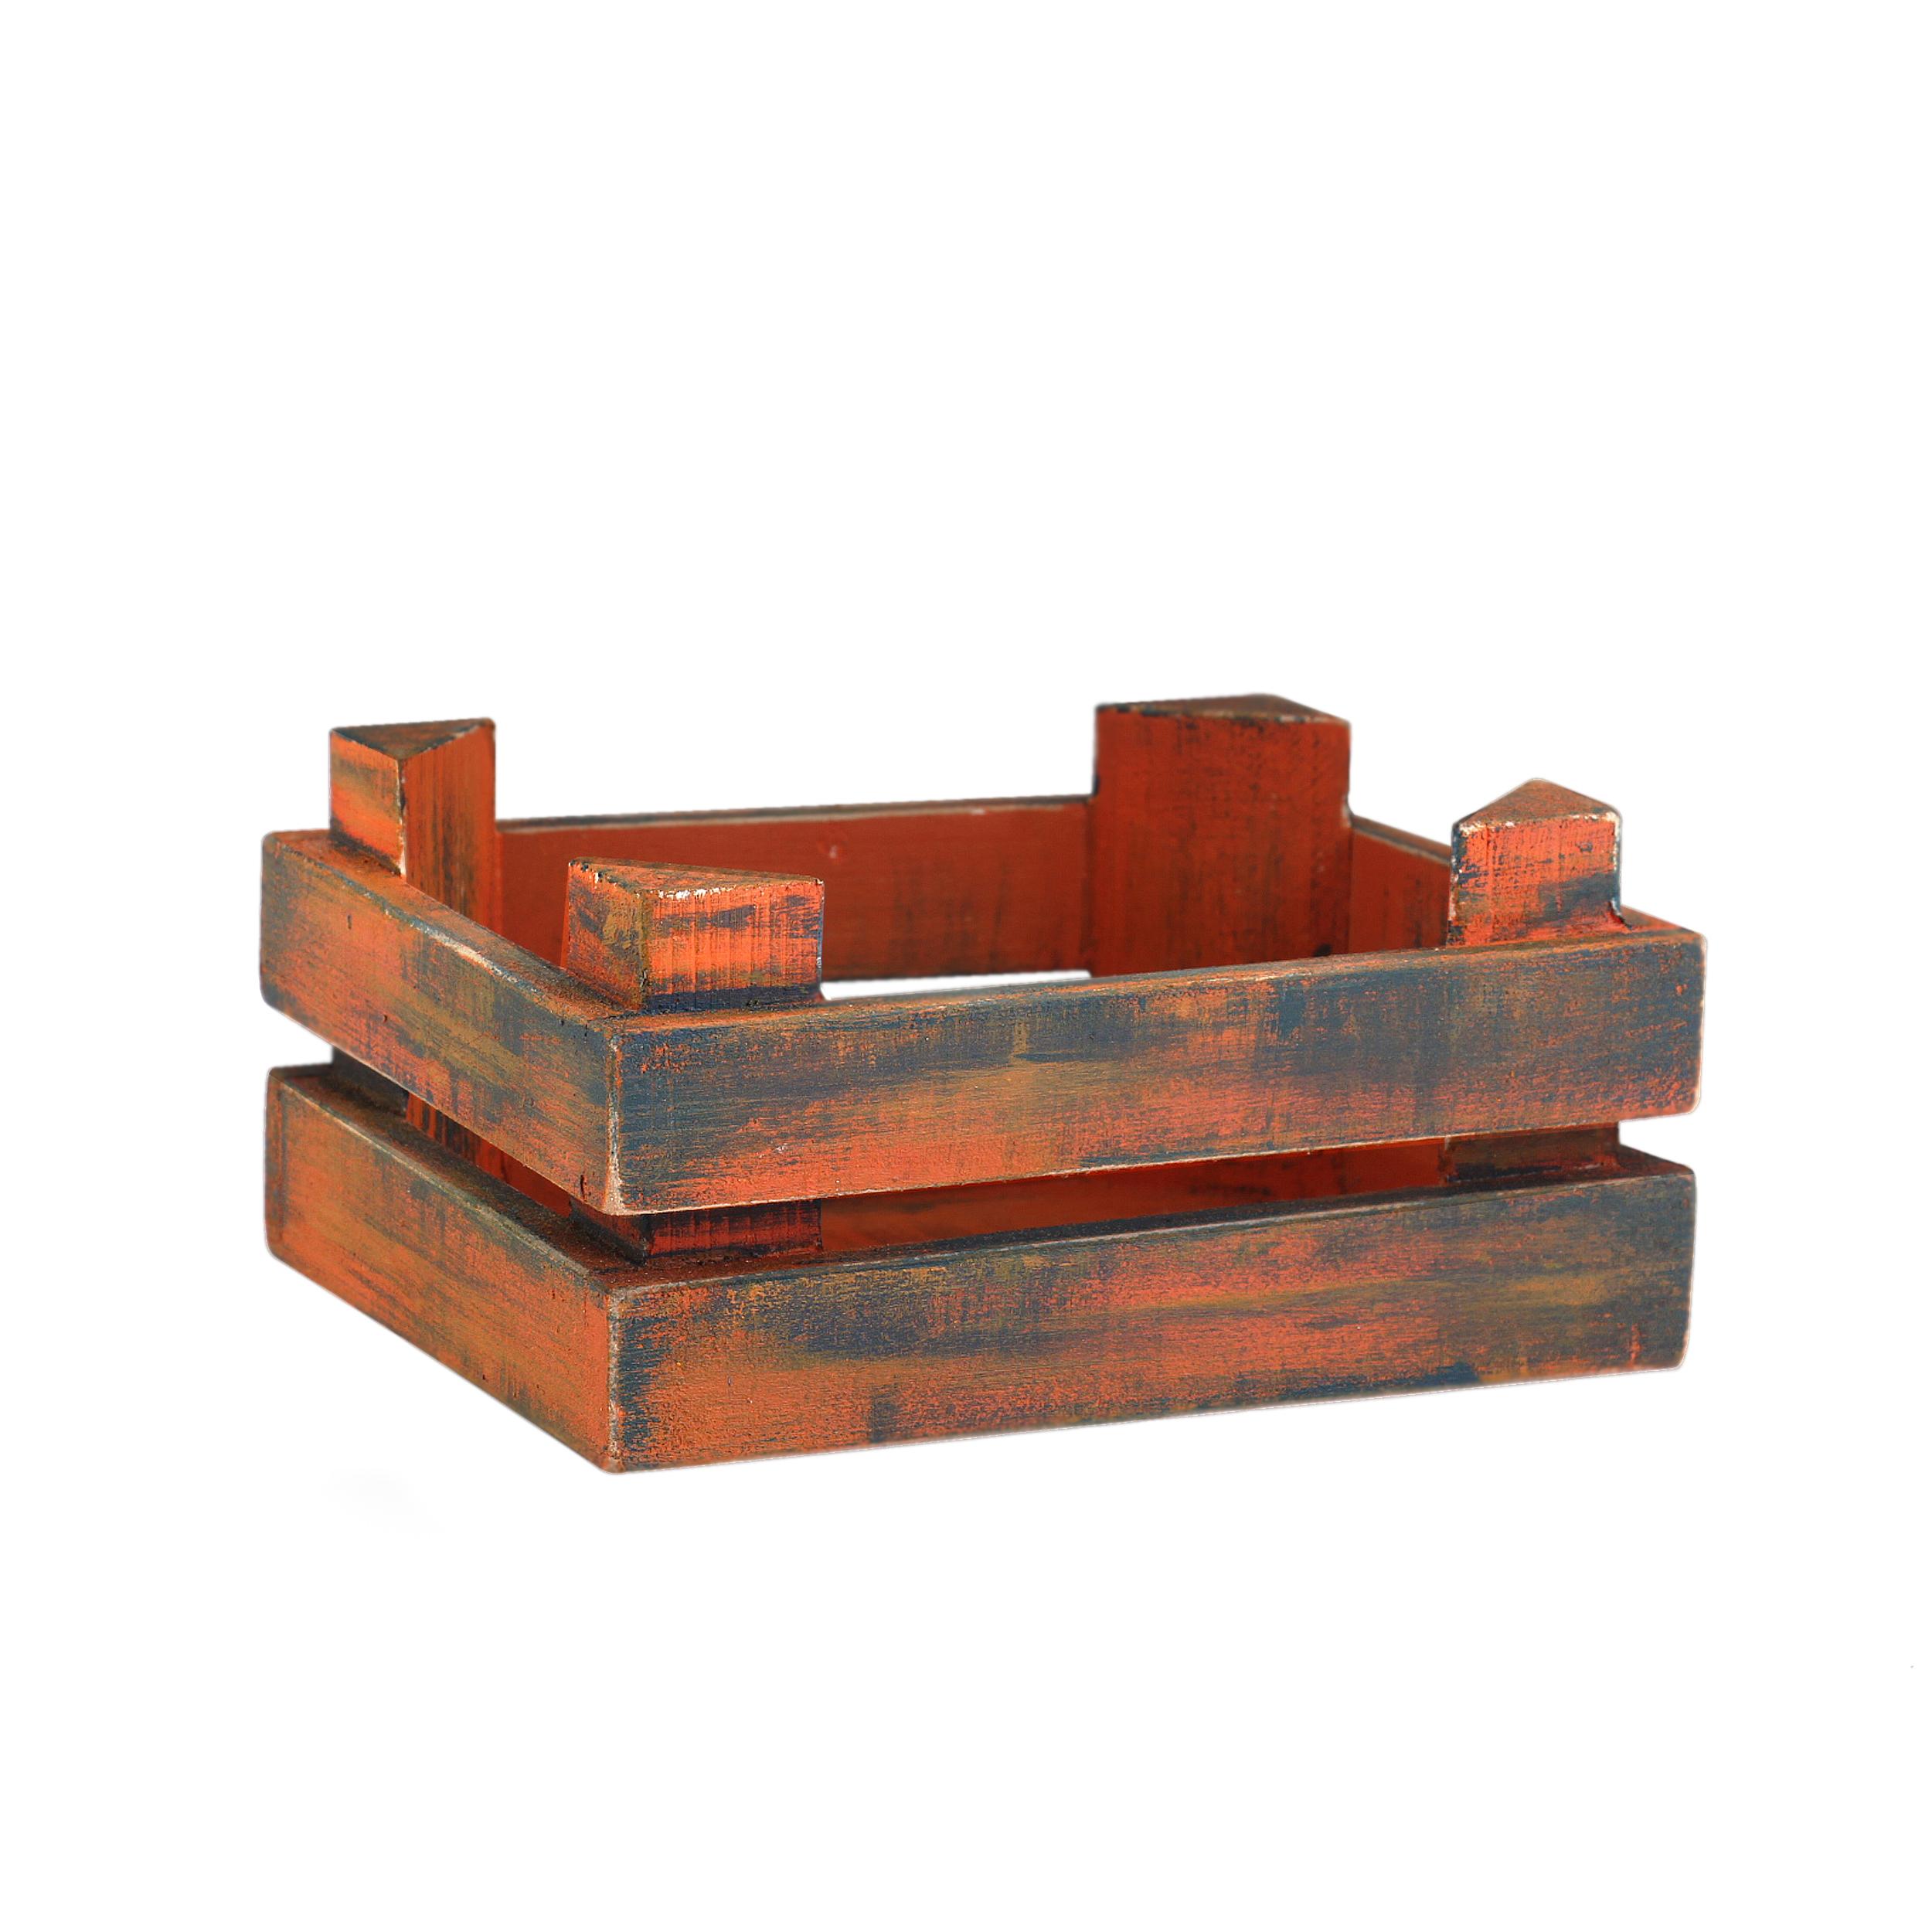 ارگانایزر ريتون مدل Rustbox کد MT-BX03-SML